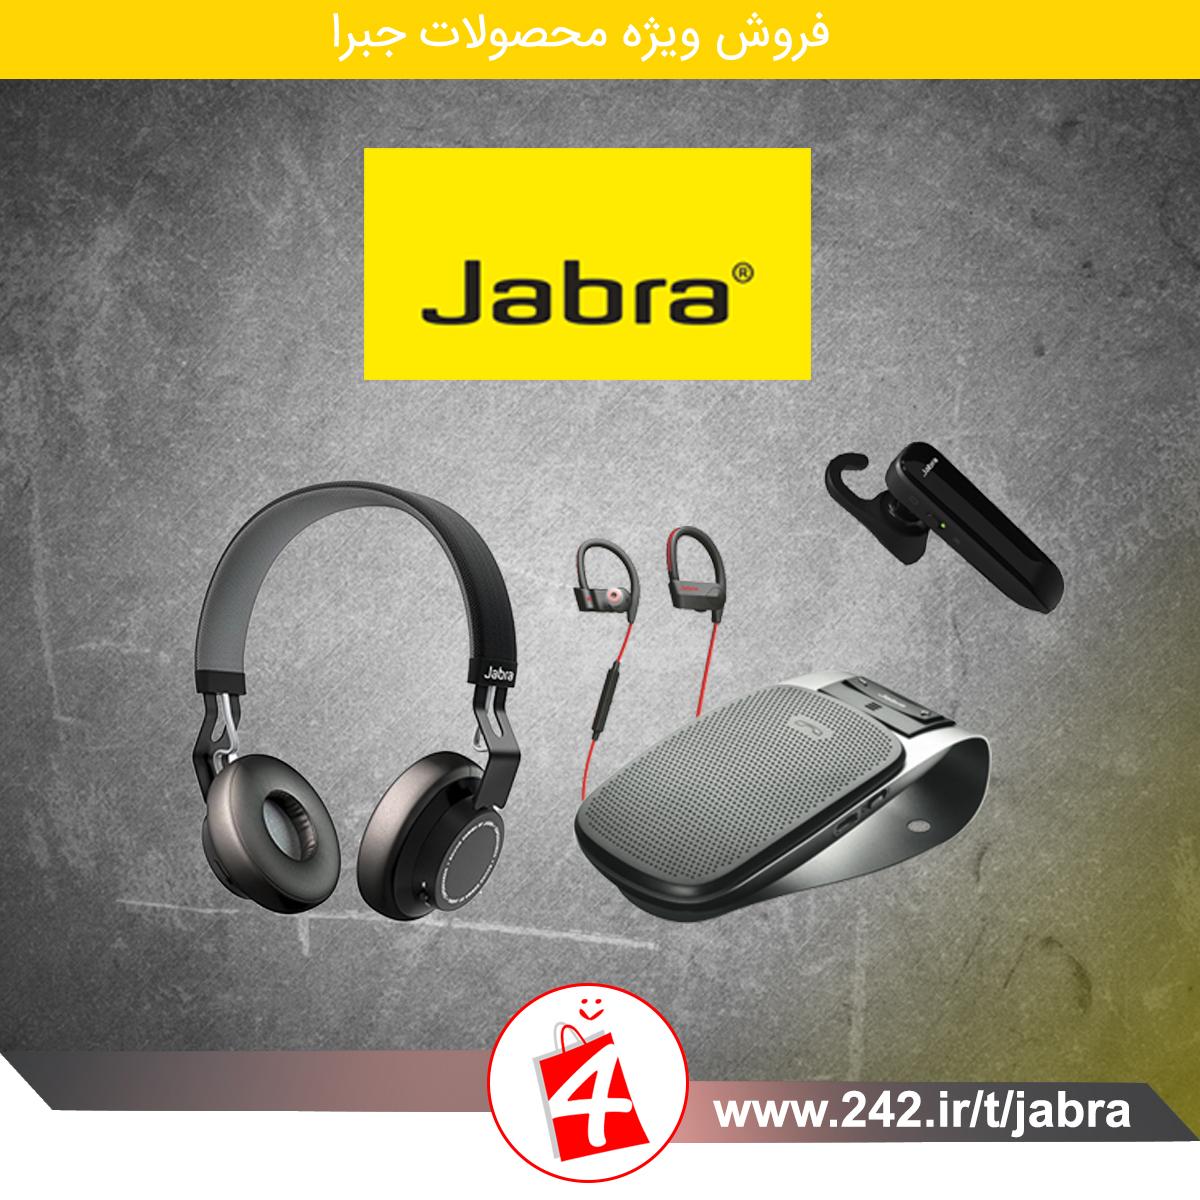 نرم افزار دستیار هندزفری جبرا تخفیف ویژه محصولات جبرا :: فروشگاه اینترنتی 242